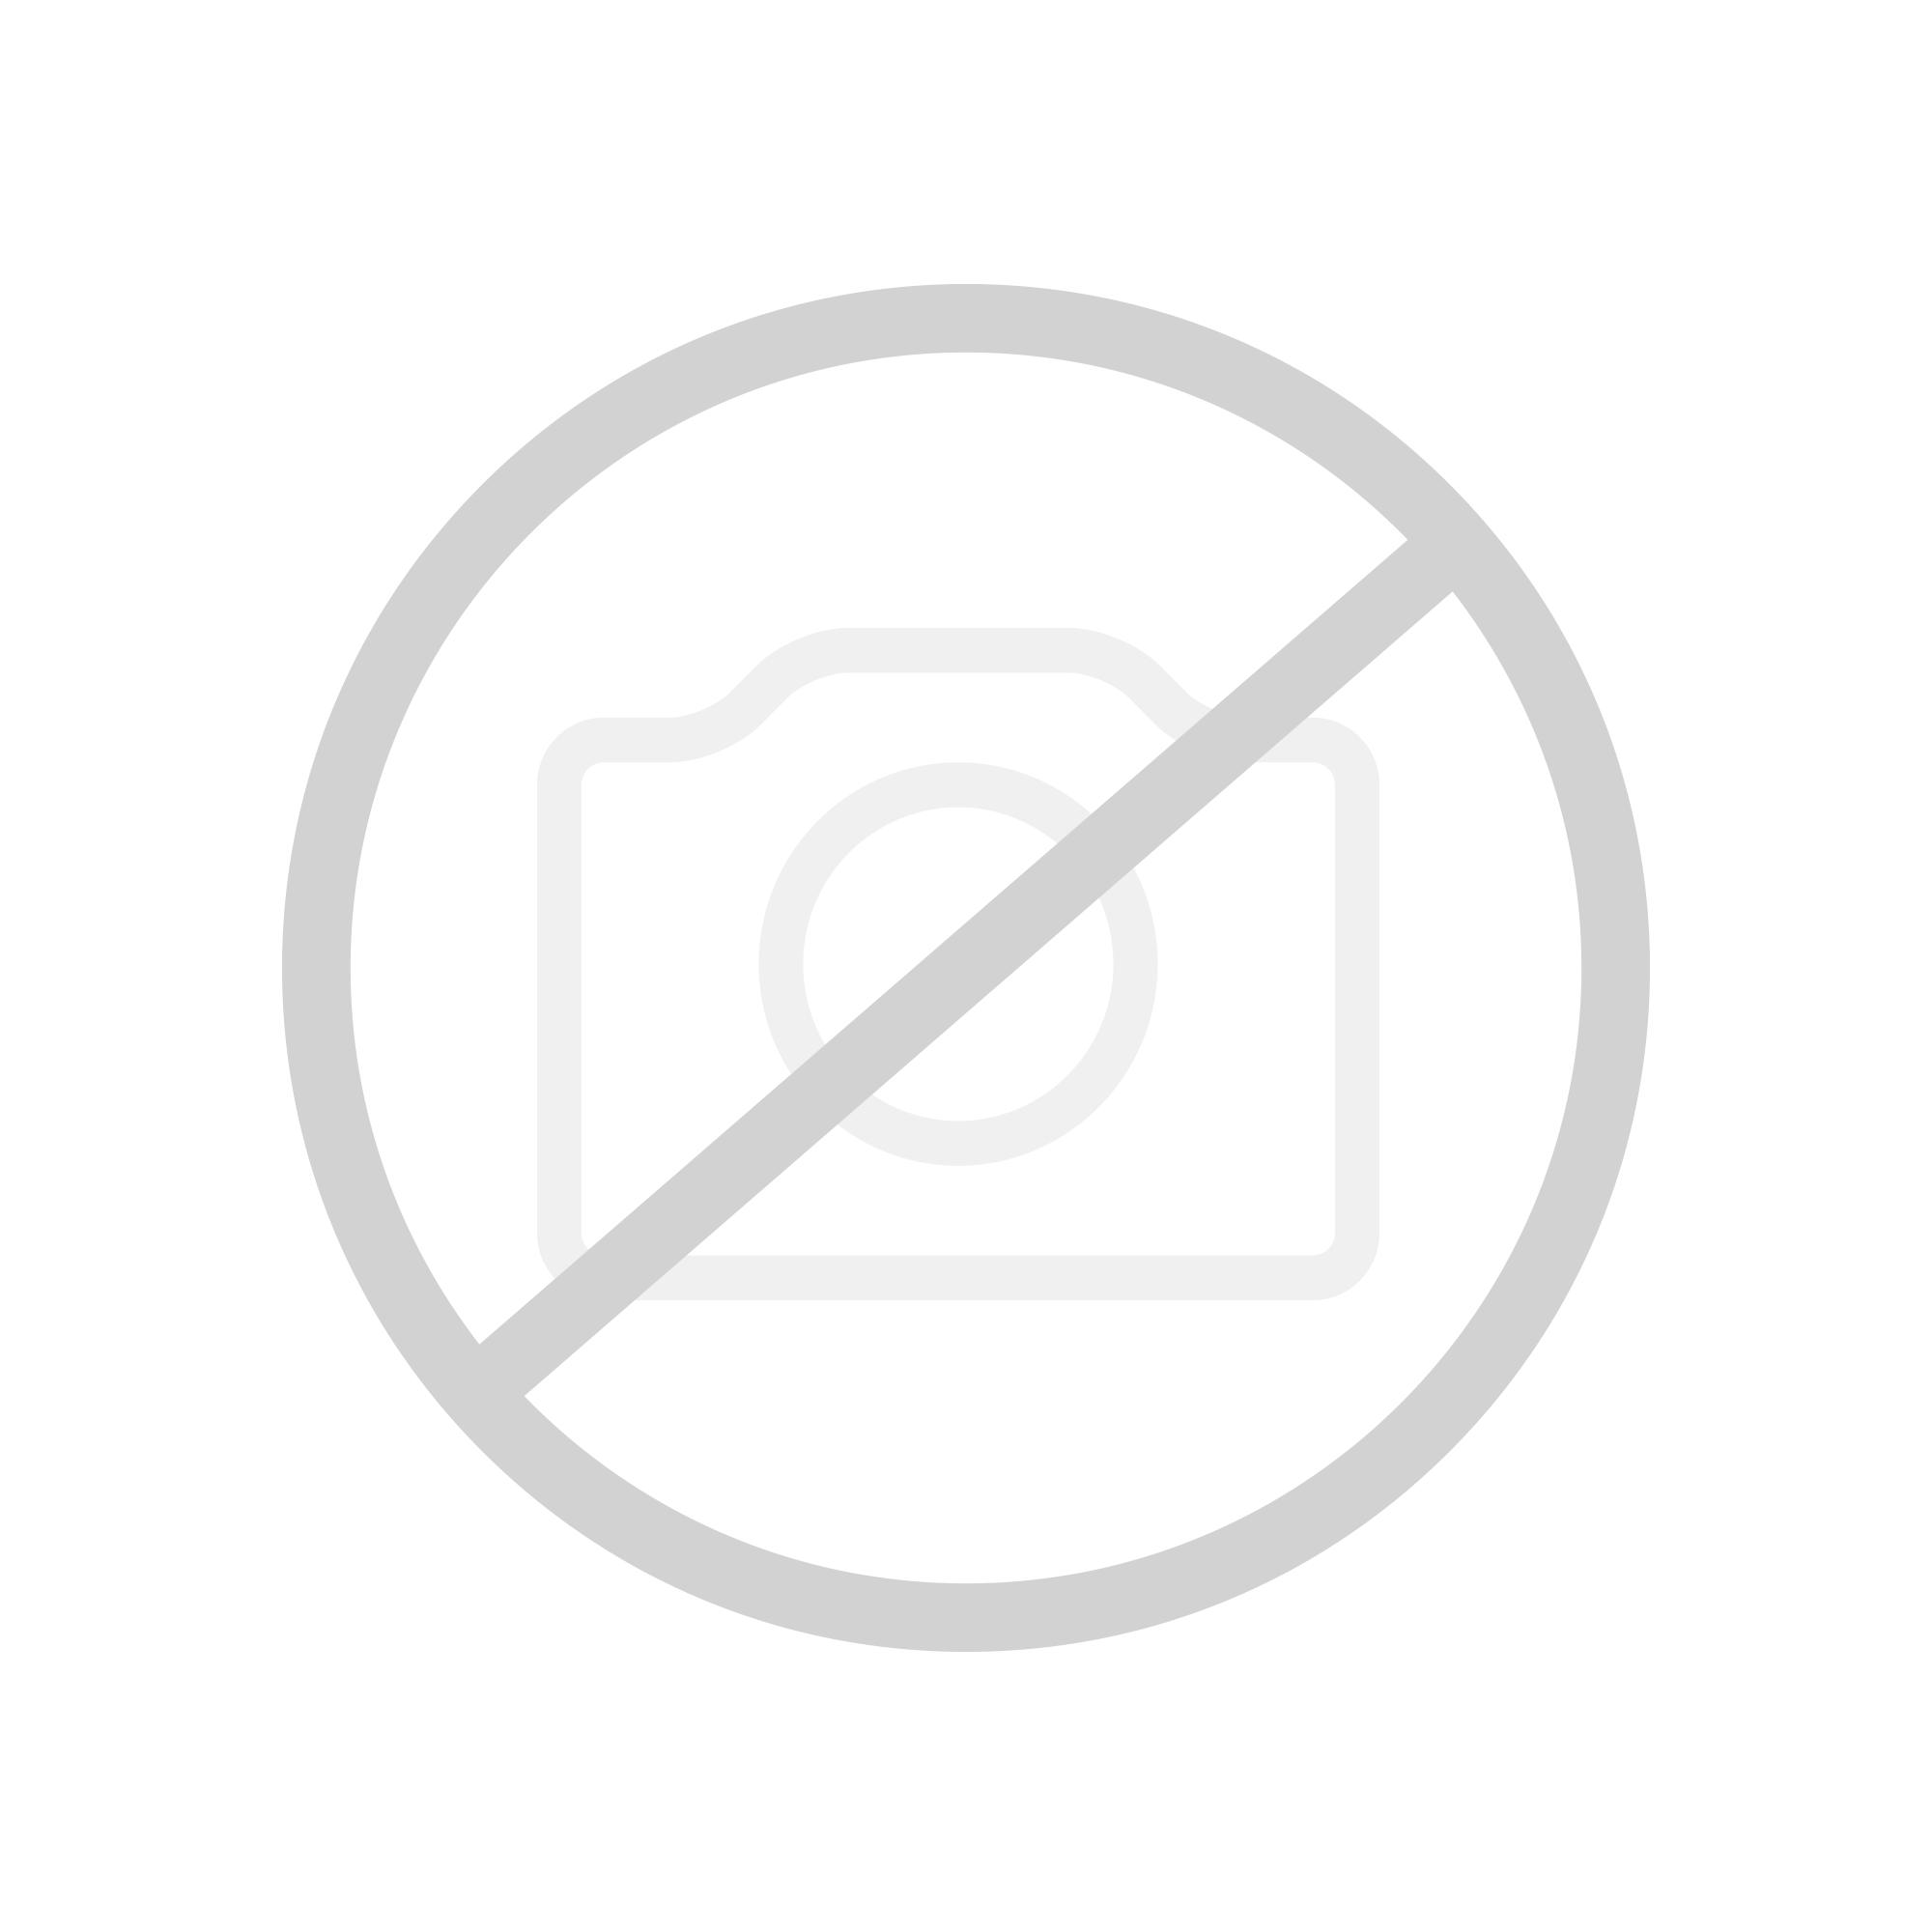 Grohe armaturen dusche  Hansgrohe Armaturen günstig kaufen im REUTER Shop